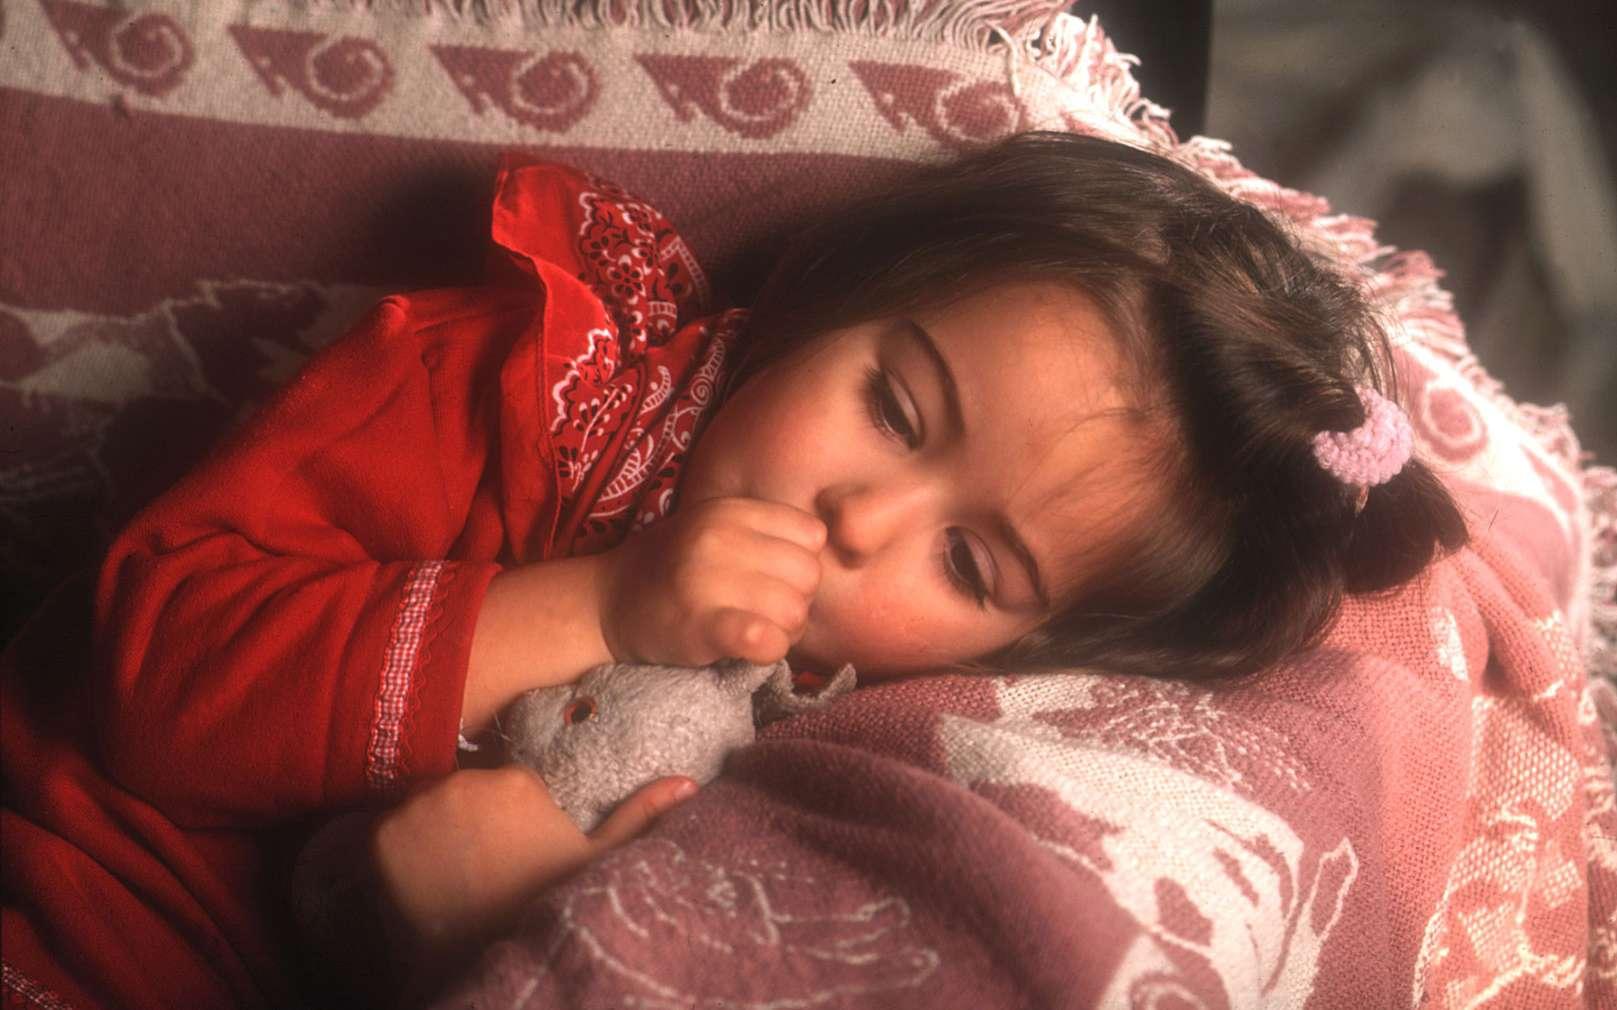 Une sieste ou un temps de repos - Source : philippe dubocq - Fotolia